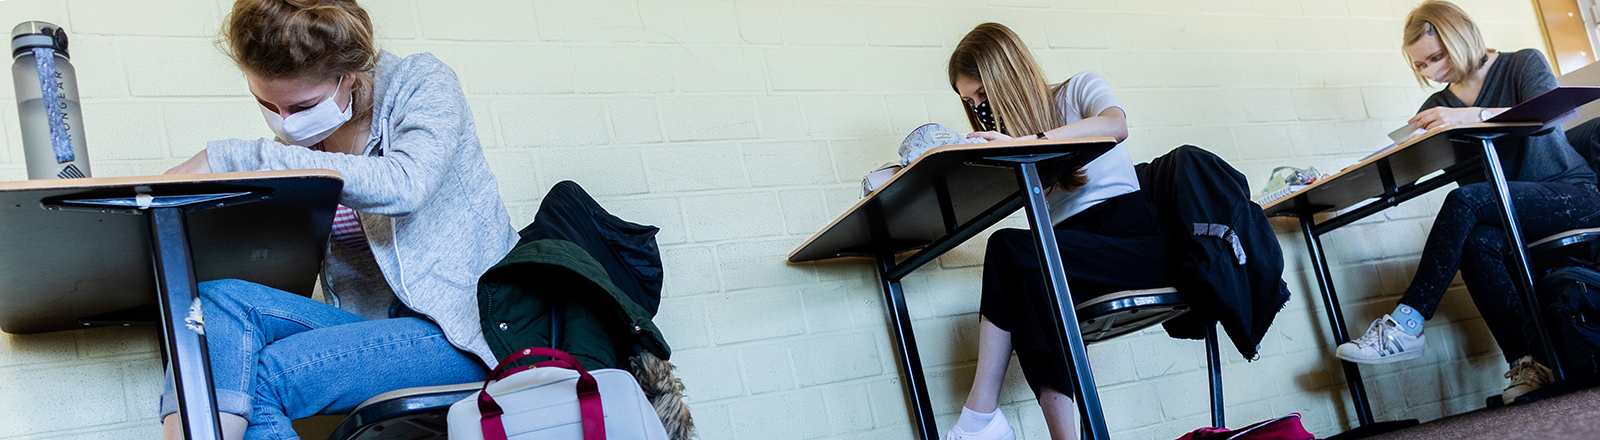 Drei Schülerinnen sitzen an Einzeltischen und arbeiten; sie tragen Mund-Nase-Masken (23.04.2020); Foto: dpa